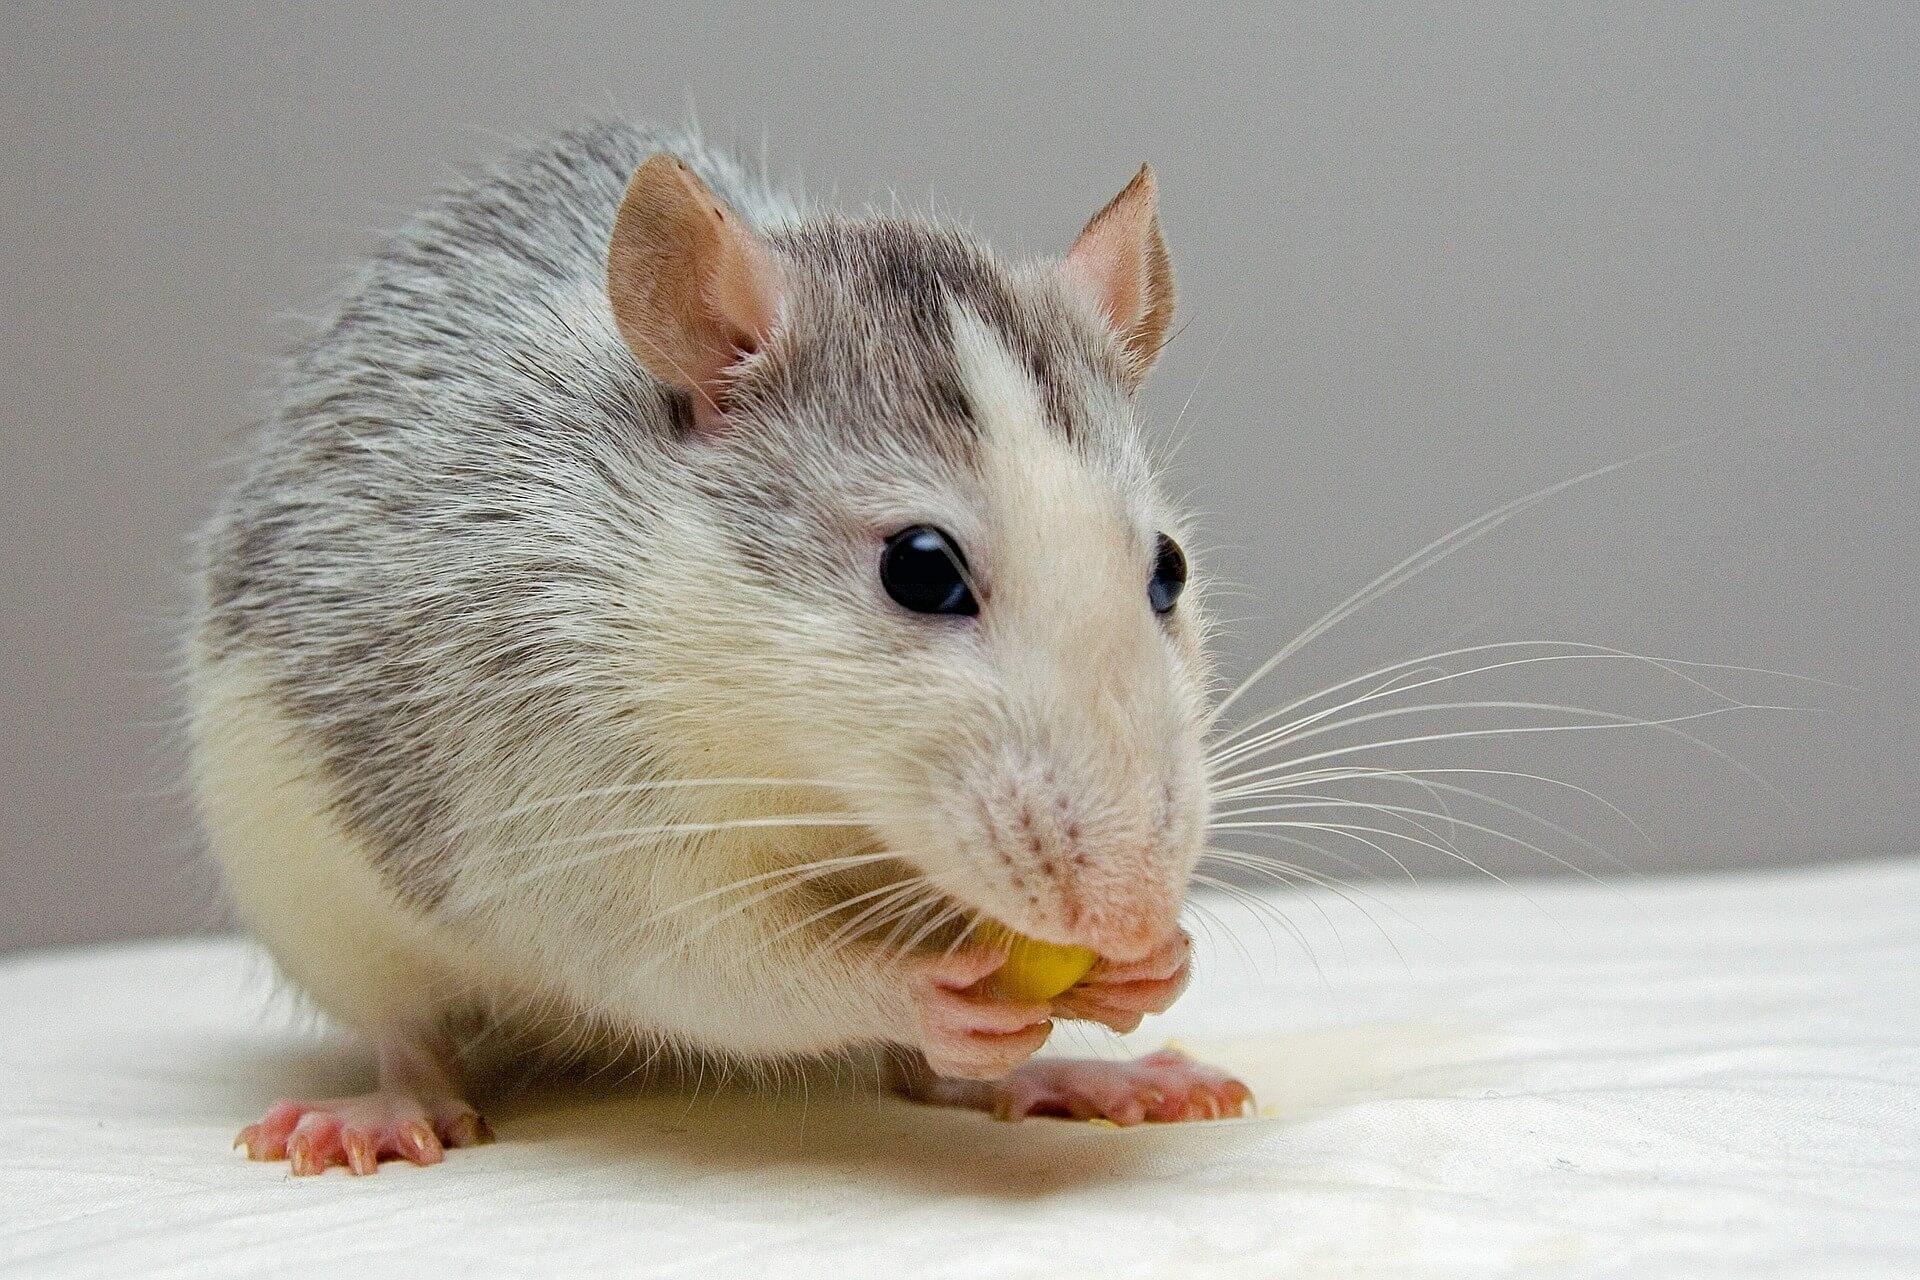 Enriquecimento ambiental para ratos